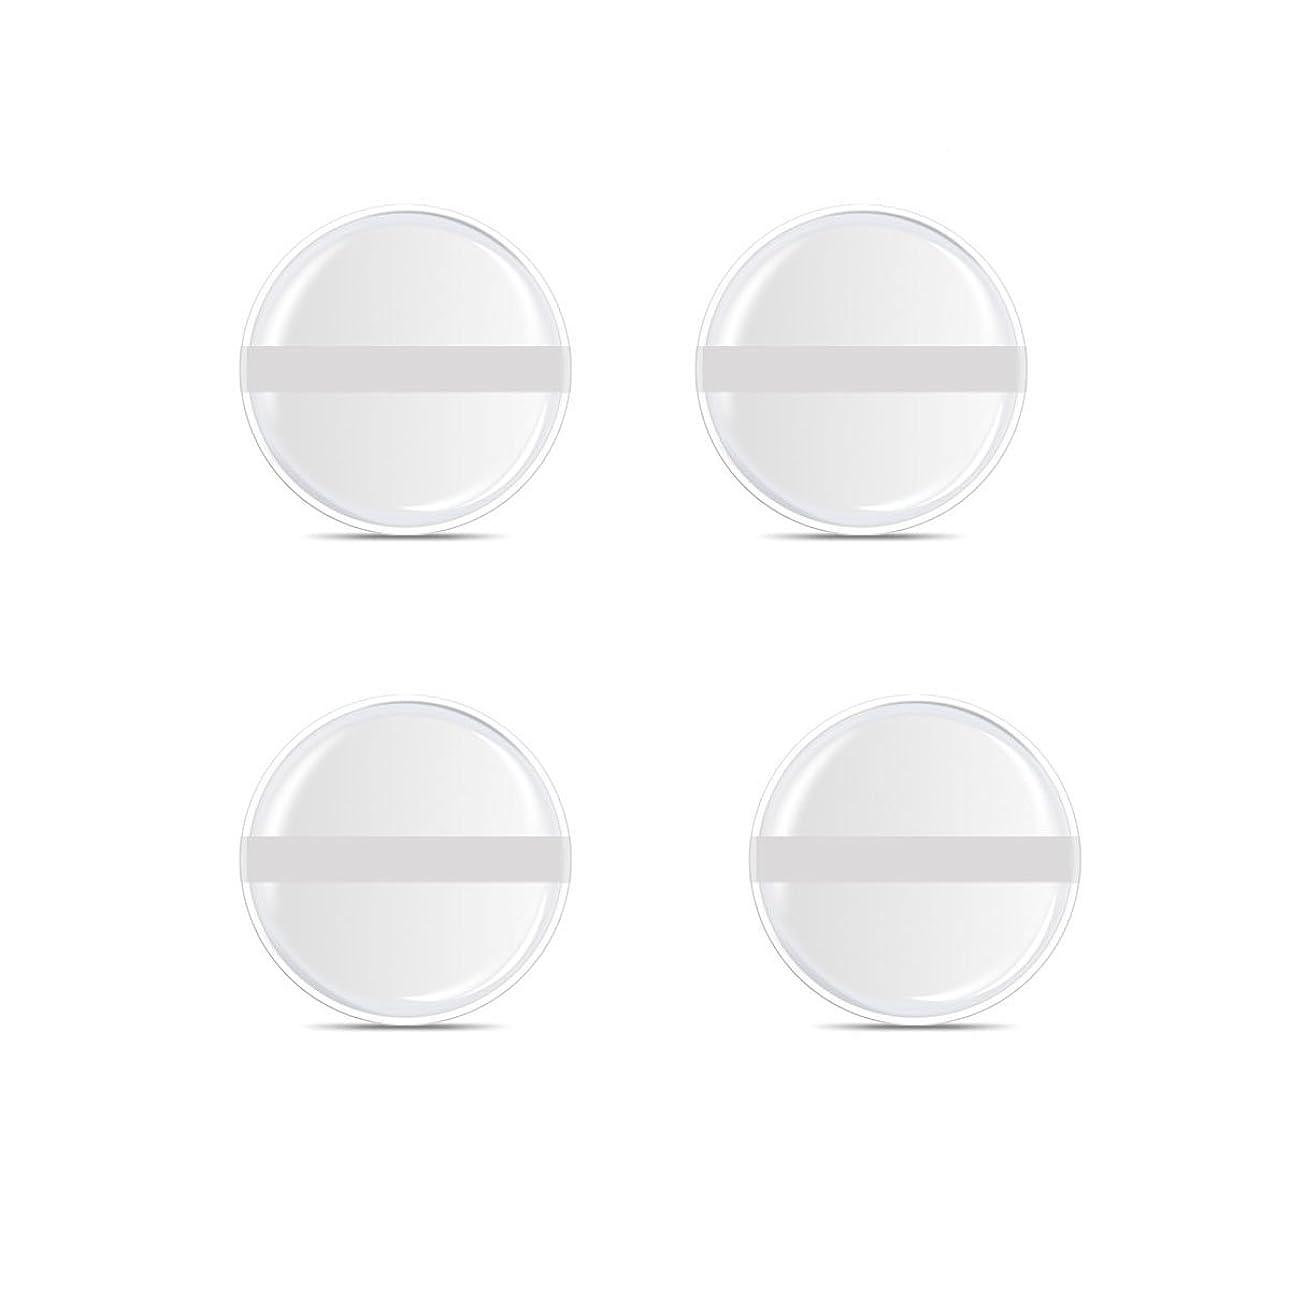 無数のくしゃくしゃ出来事シリコンパフ 帯付き メイクスポンジ ゲルパフ ゼリーパフ 清潔しやすい衛生 柔らかく 透明な 4枚入 (円形 4入り)